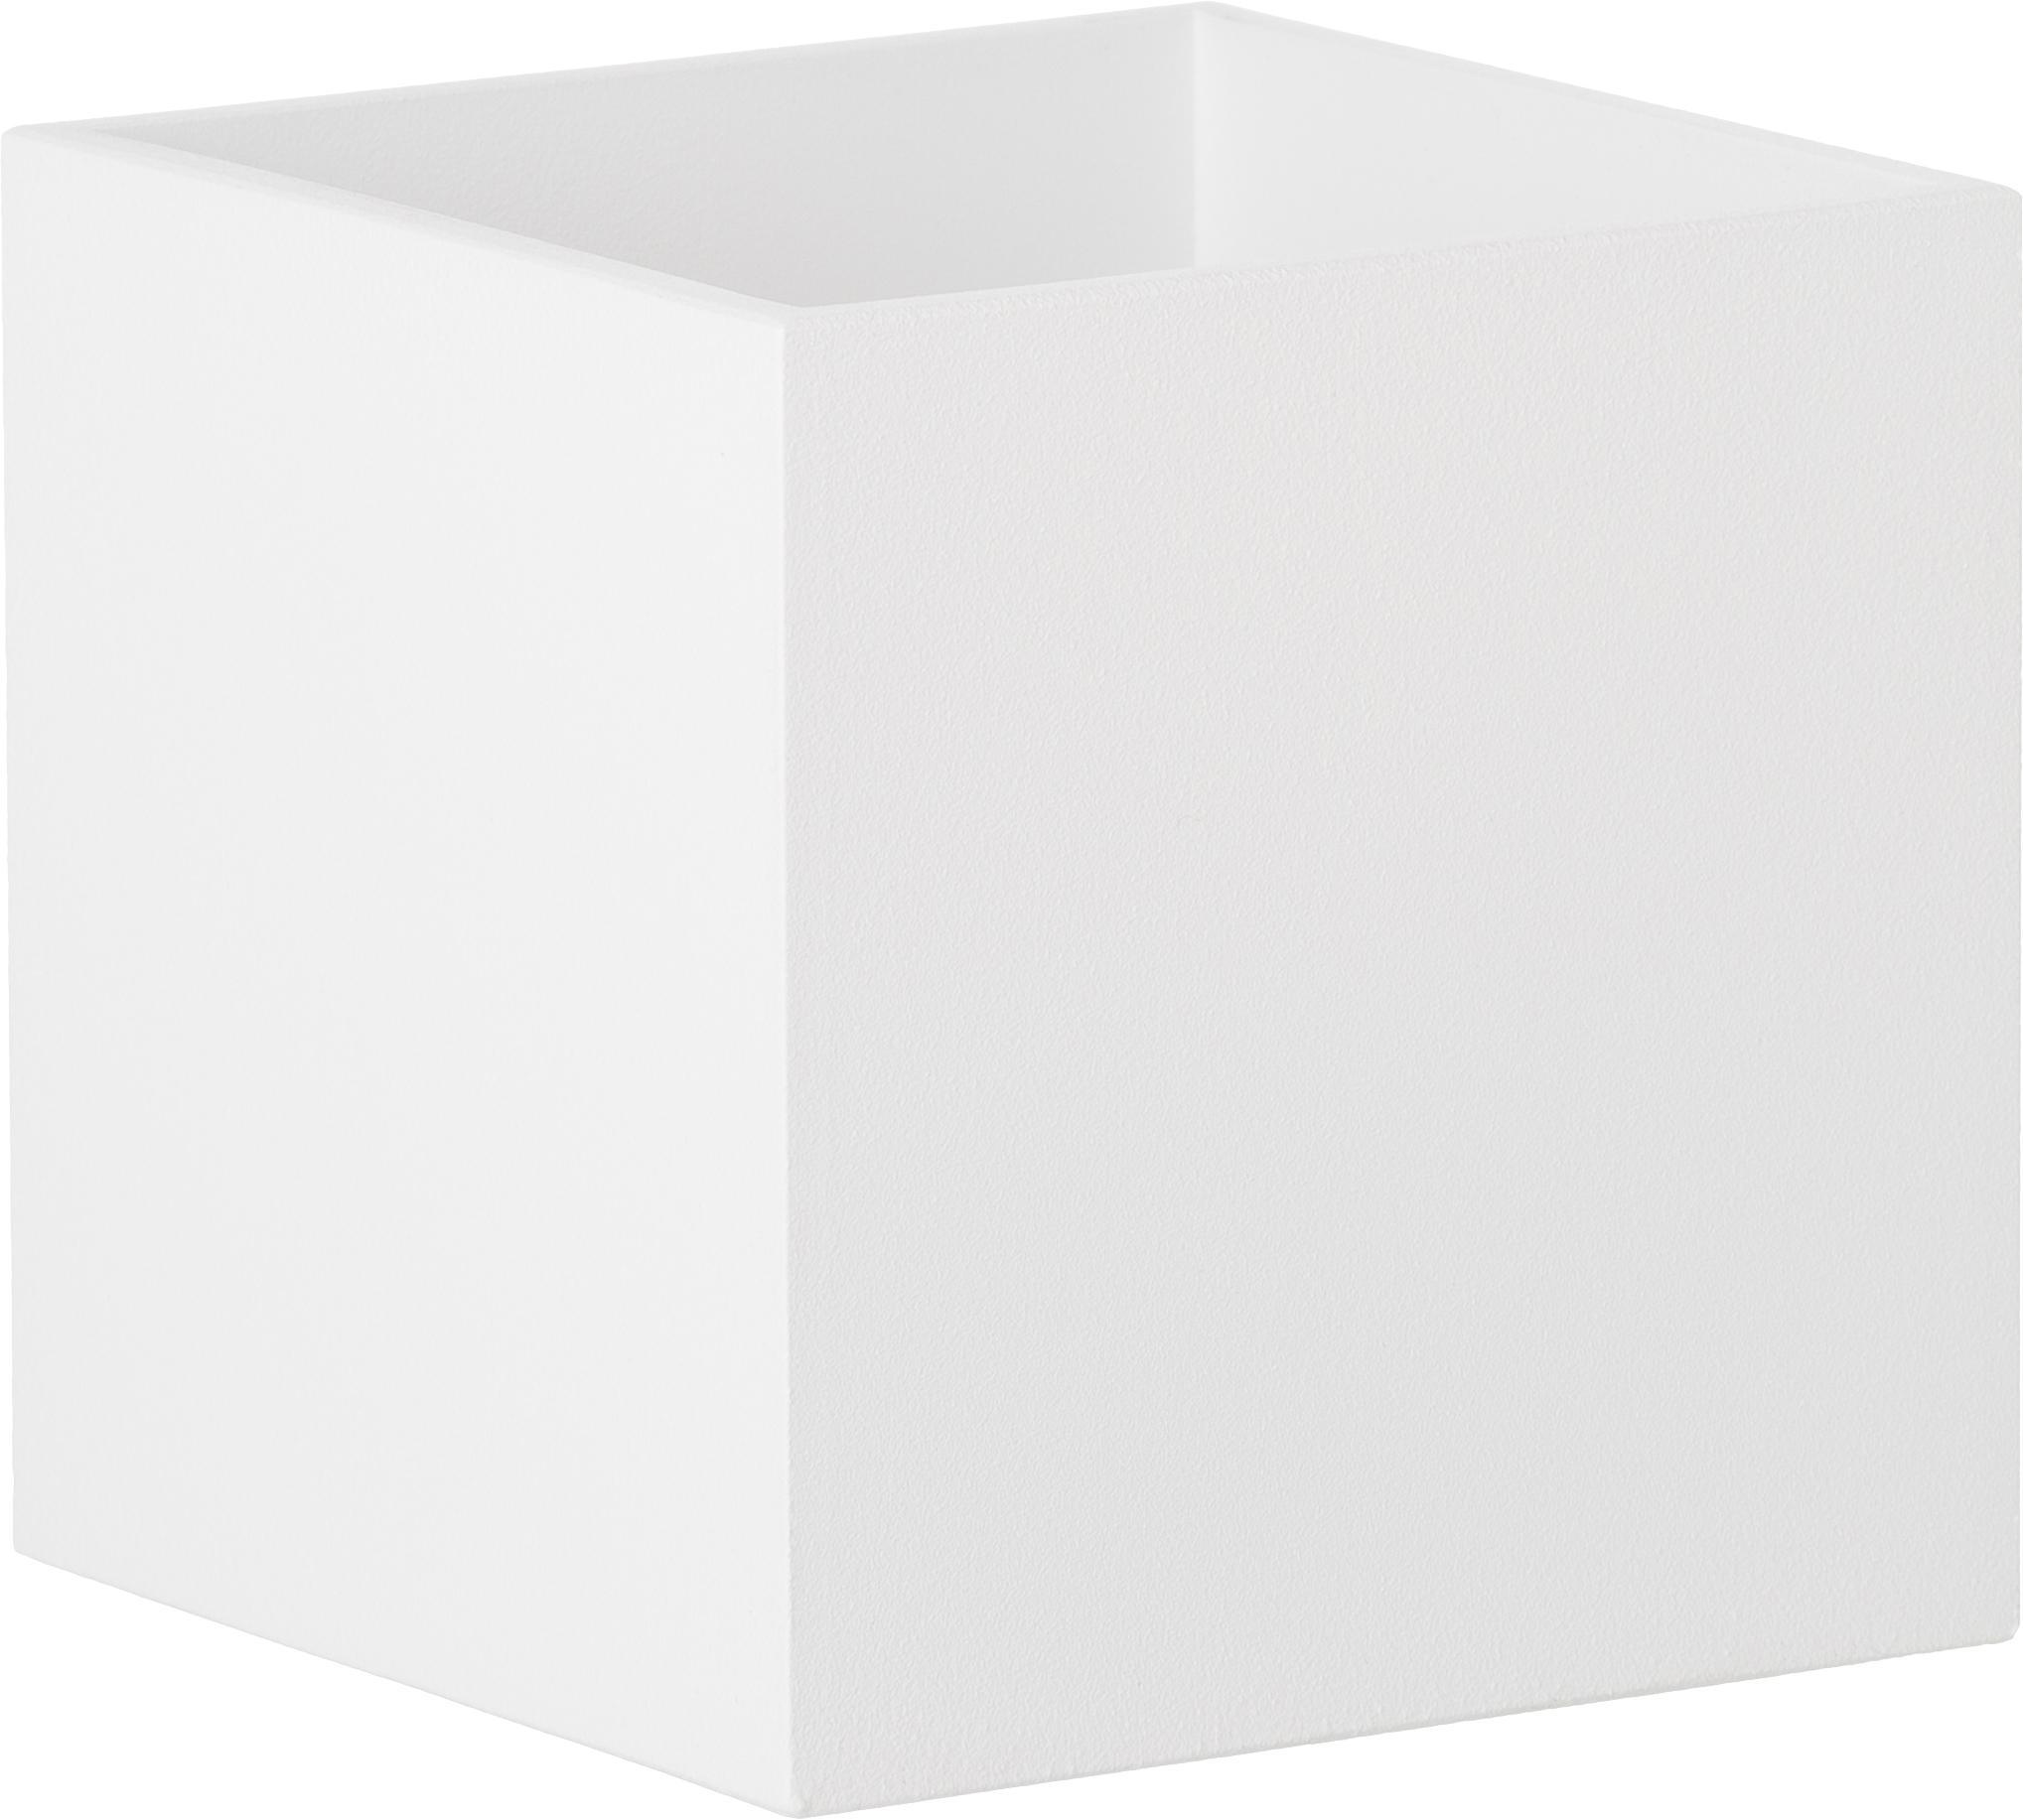 Wandleuchte Quad in Weiß, Aluminium, pulverbeschichtet, Weiß, 10 x 10 cm